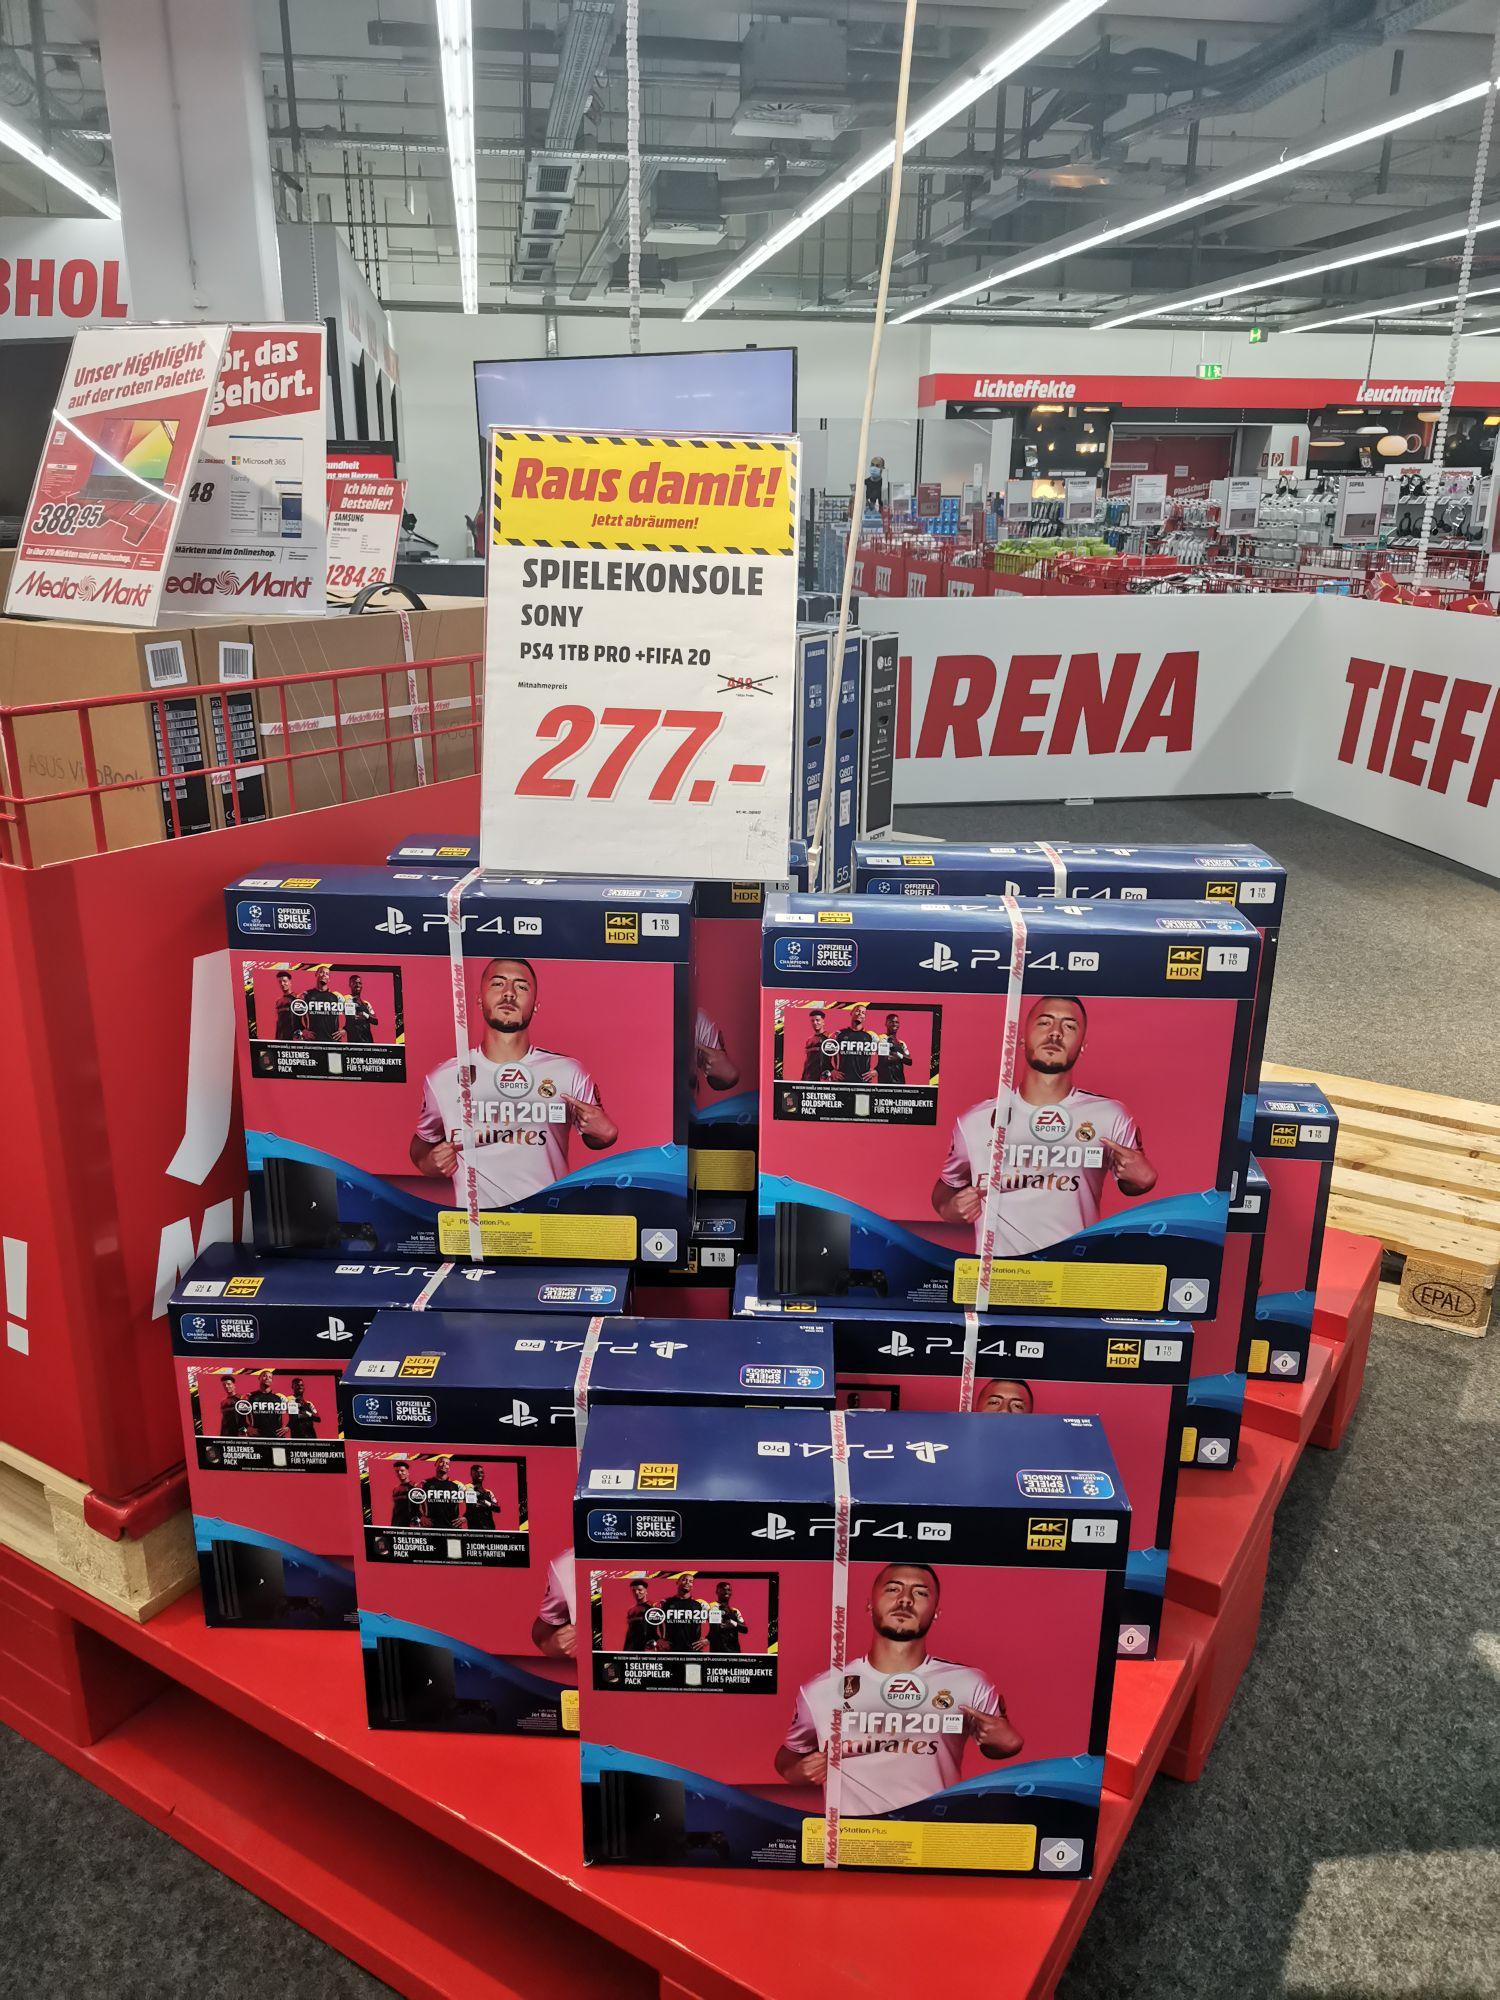 LOKAL Media Markt Weiterstadt PS4 Pro mit Fifa 20